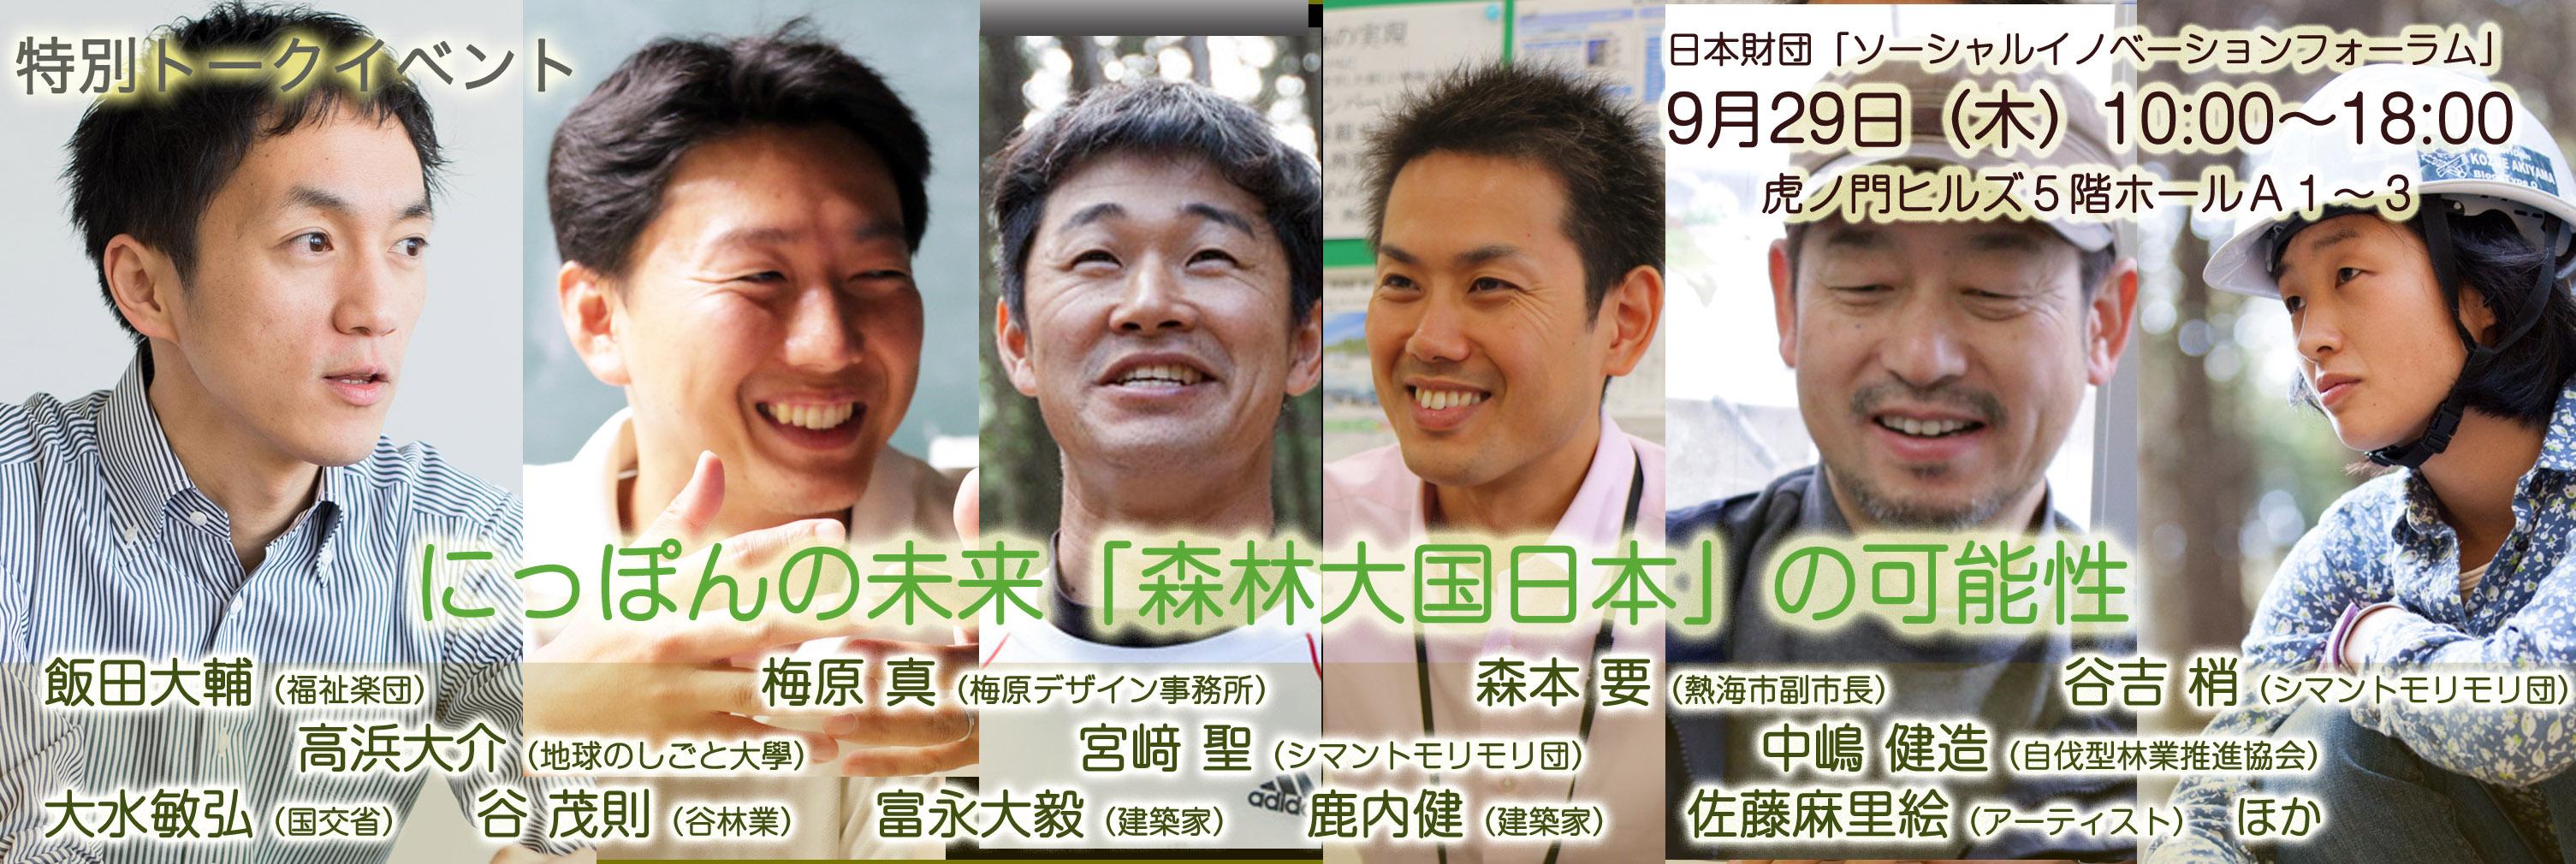 9月29日「ソーシャルイノベーションフォーラム」にて自伐協が出展